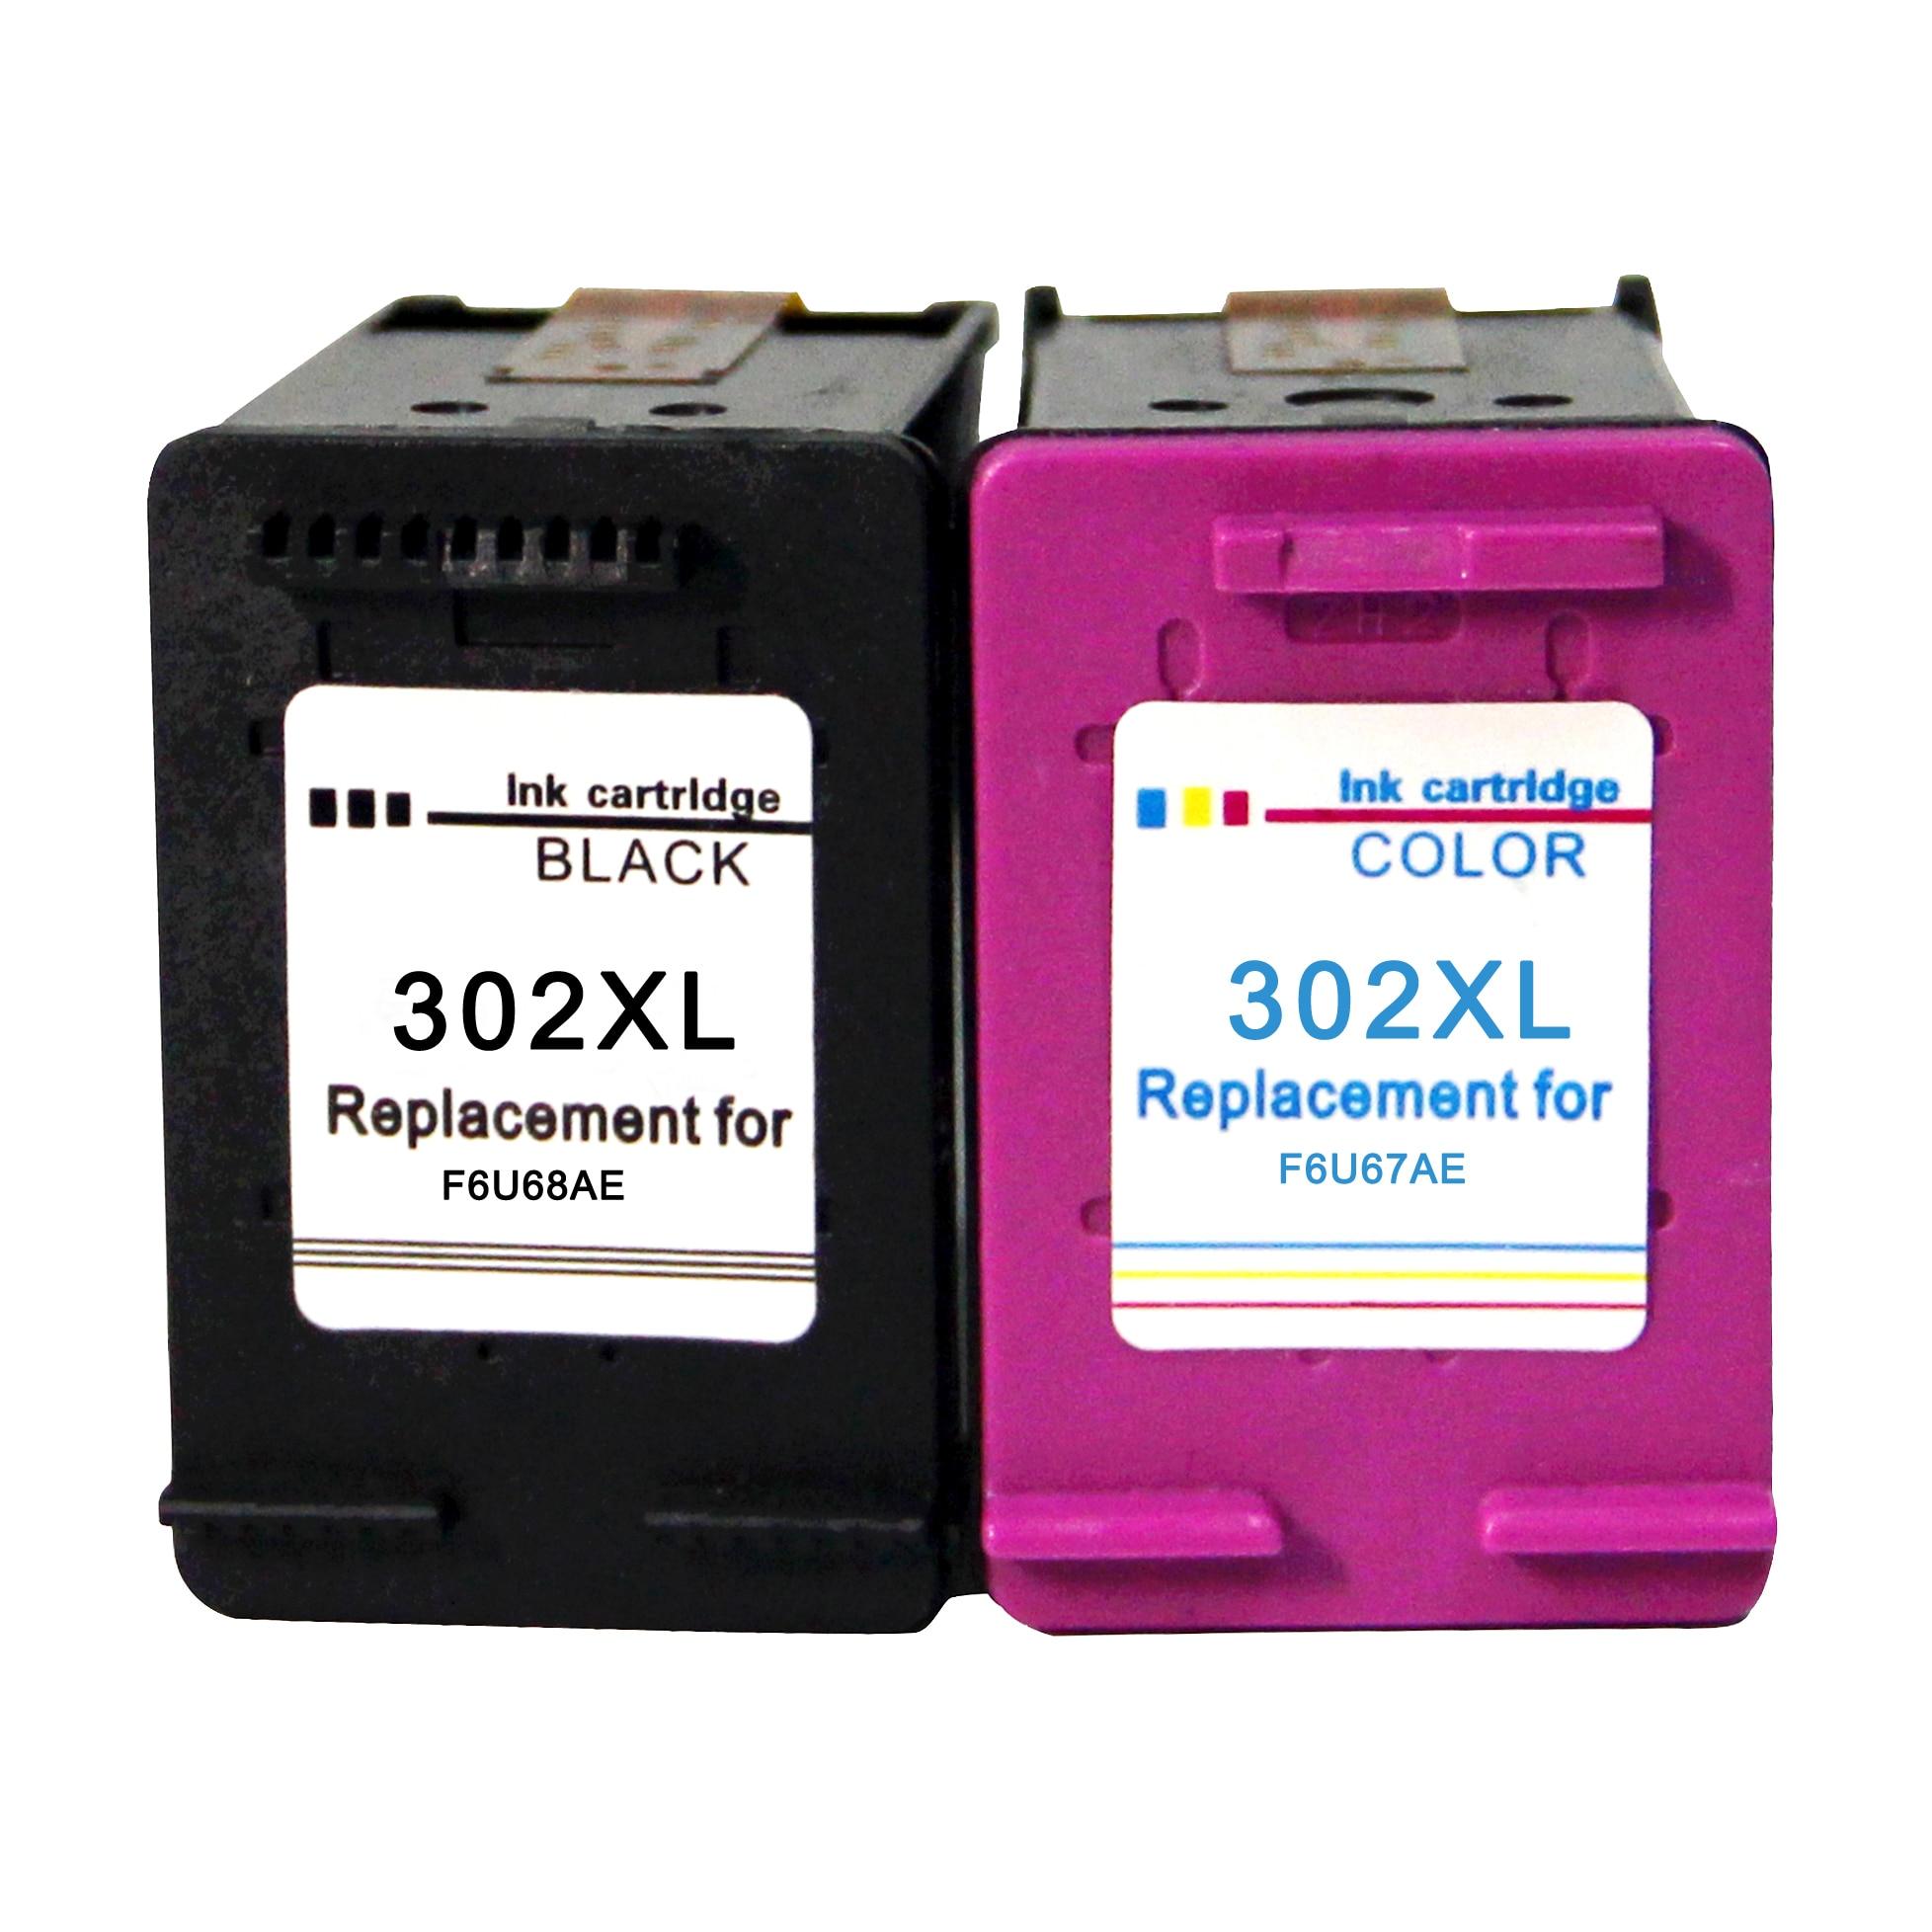 Черные картриджи Ewigkeit и триколор для HP 302 совместимые с принтерами 2130 2132 2134 3630 Officejet 5220